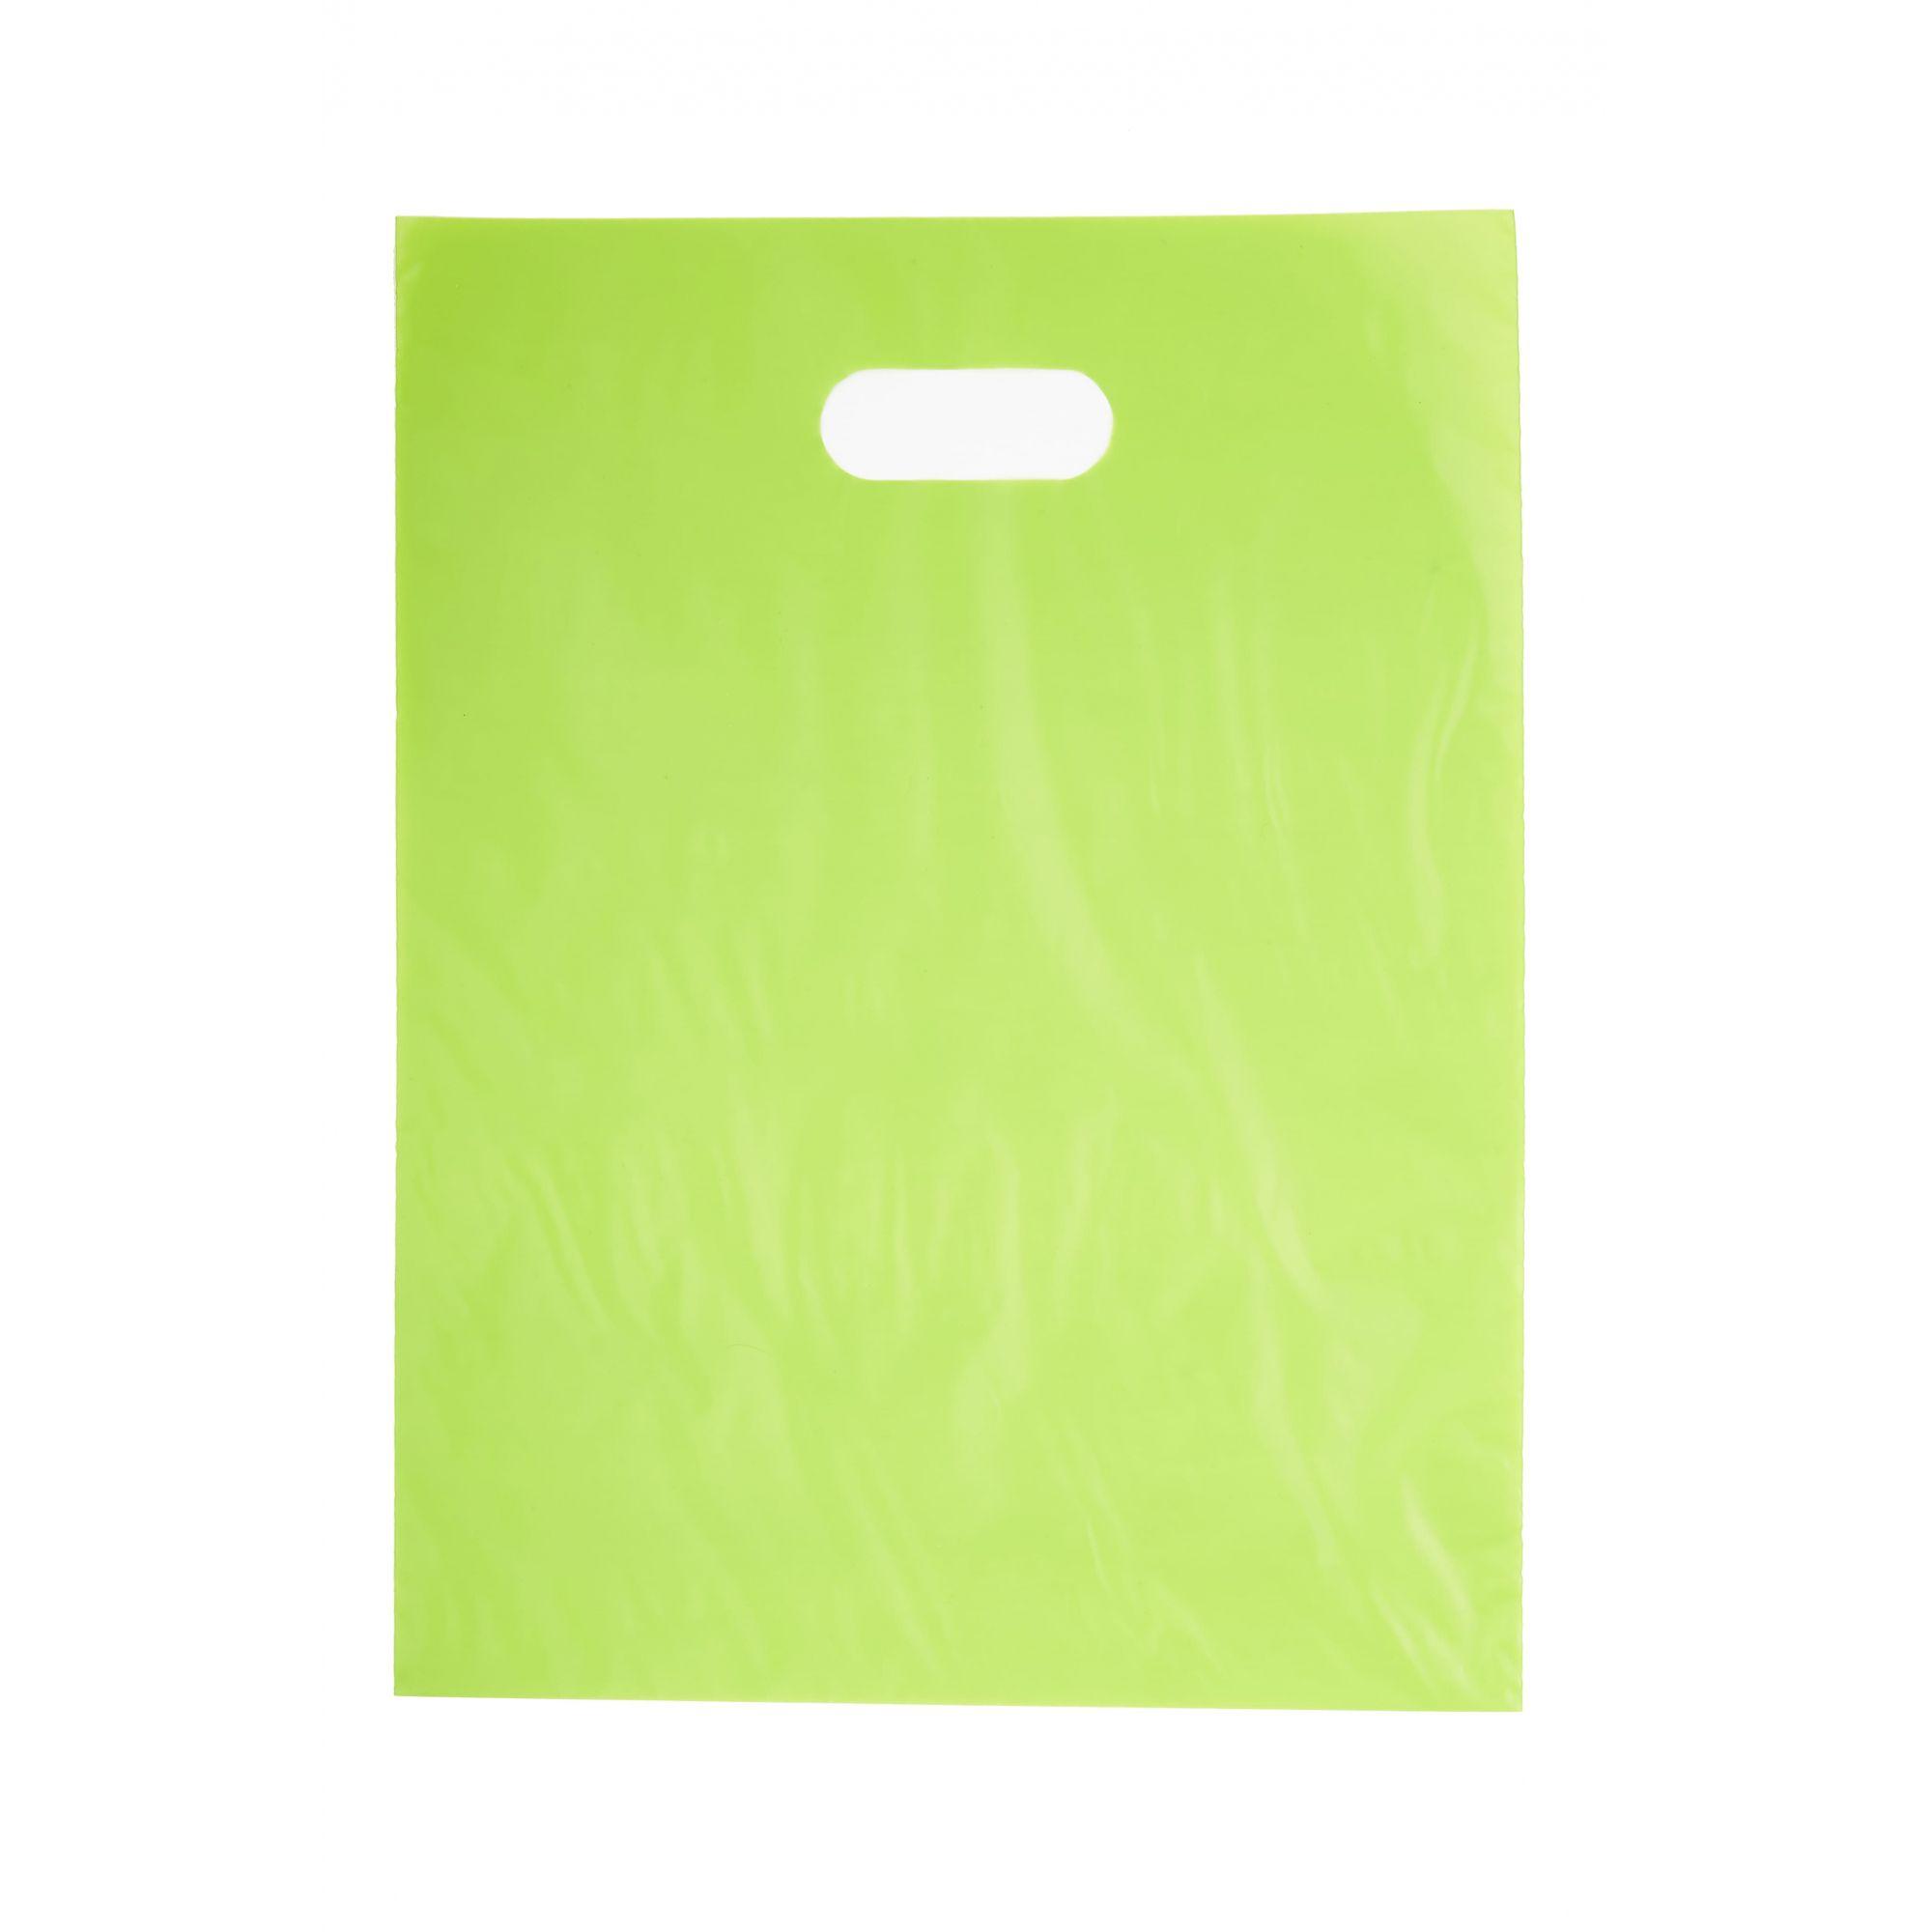 Sacola Plástica 35x44 Verde - Alça Boca de Palhaço